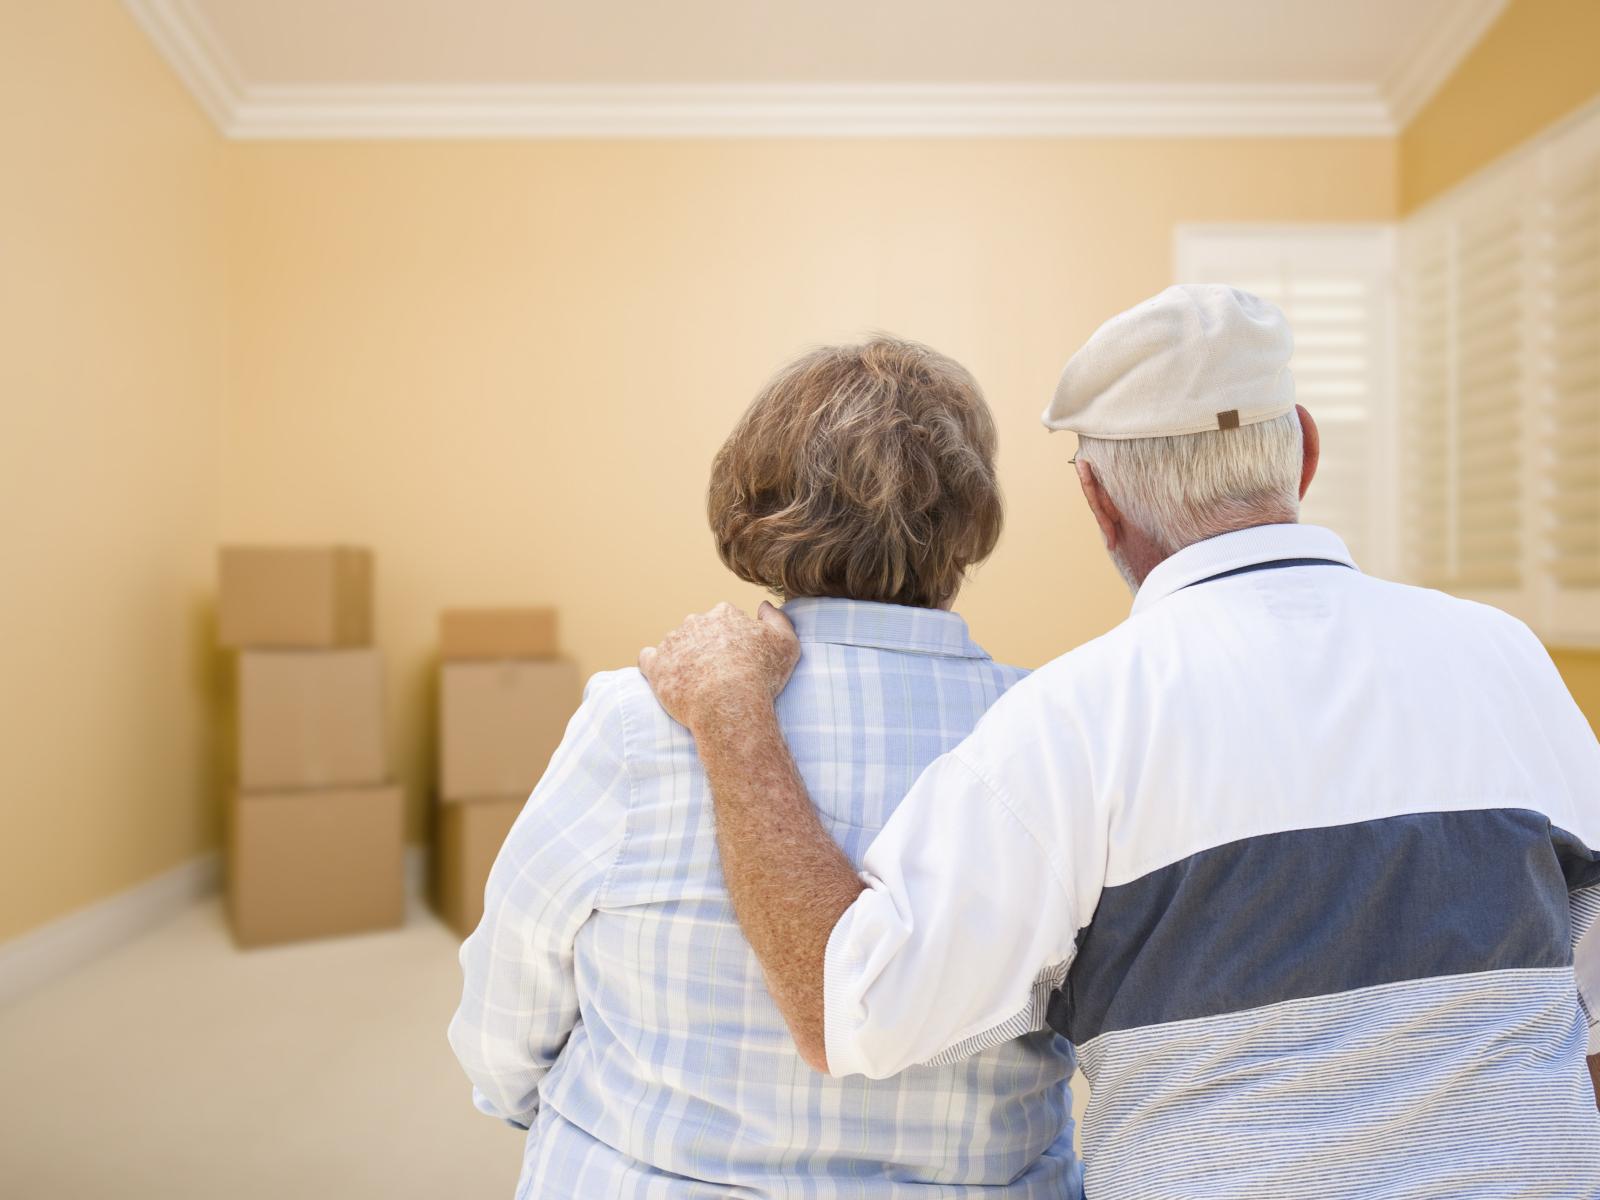 Blogserie verhuizen, deel 4 – verhuizen met senioren